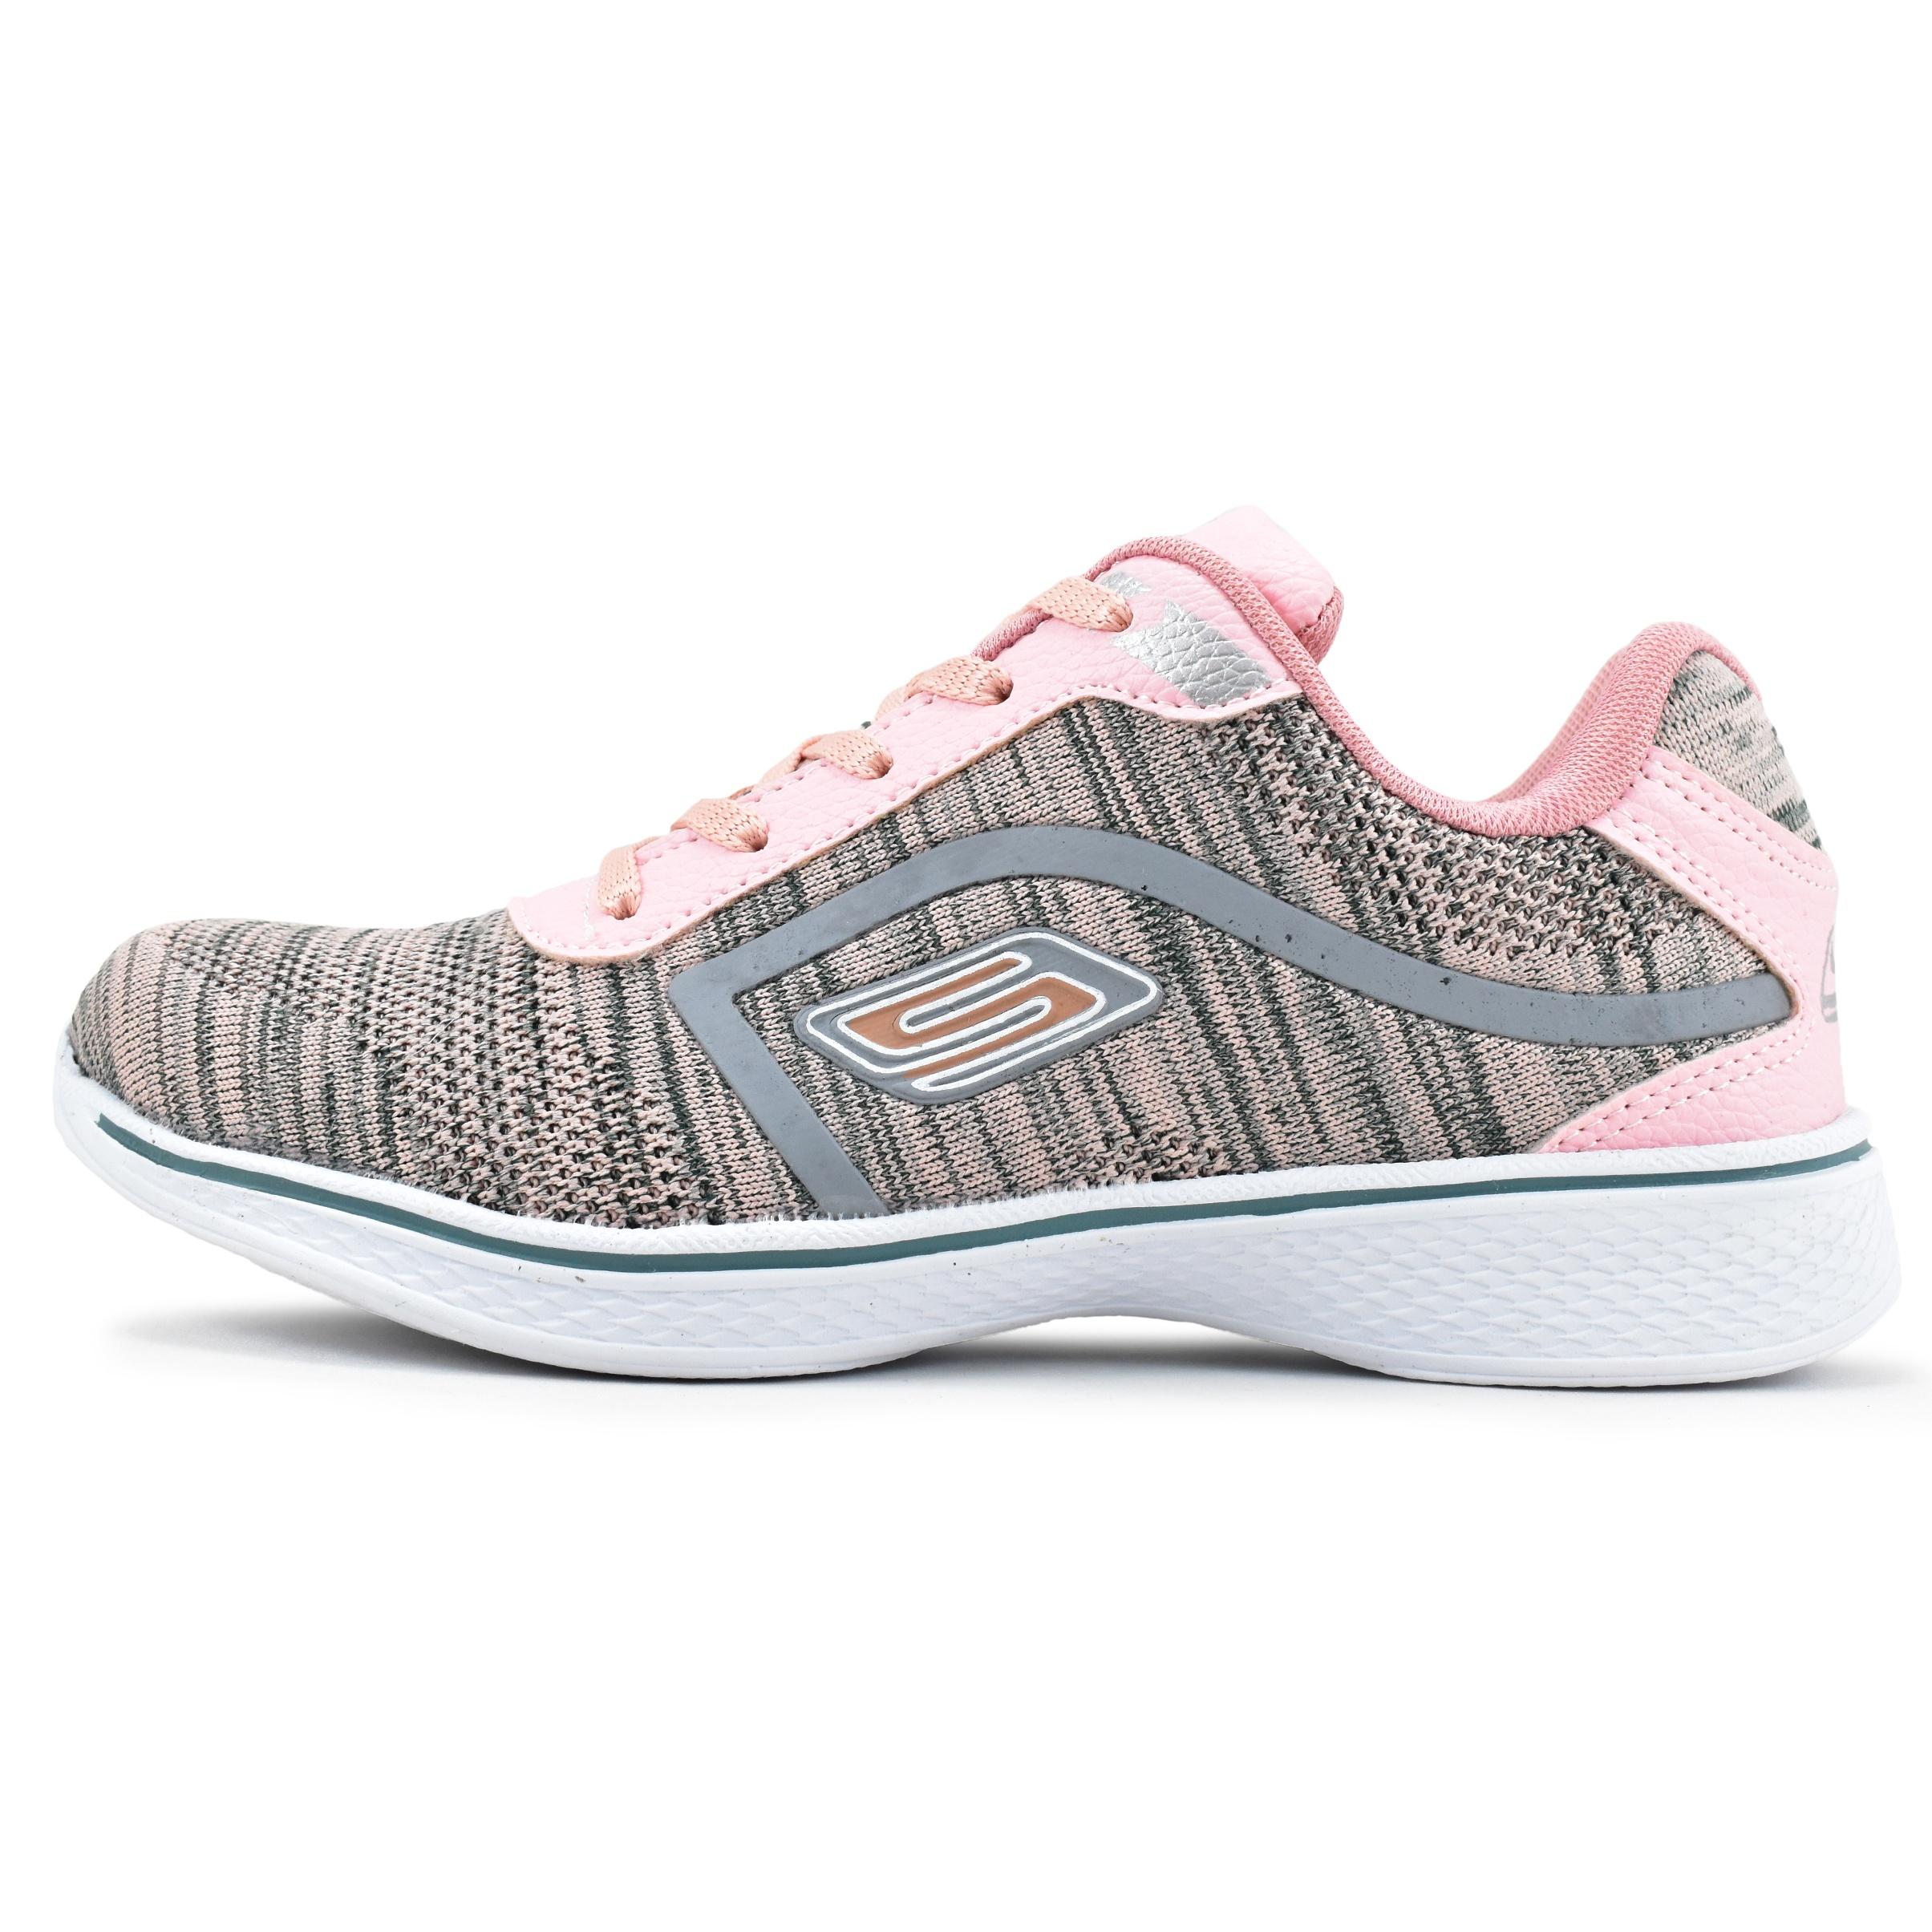 کفش مخصوص پیاده روی زنانه مدل اسکات کد 4326